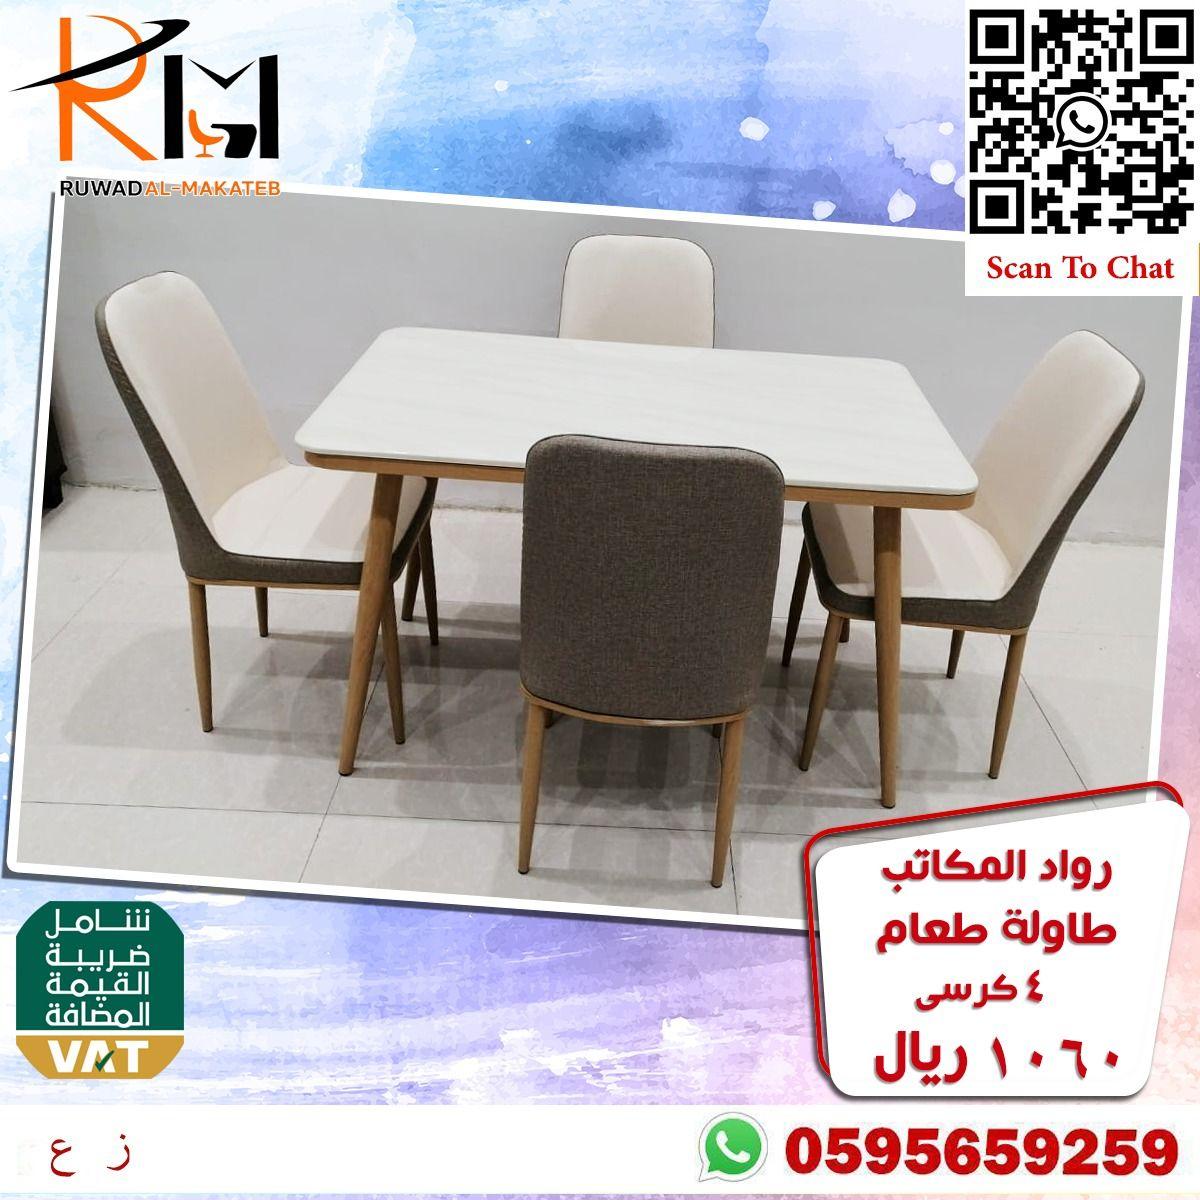 طاولة طعام ٤ اشخاص In 2021 Home Decor Dining Chairs Dining Table